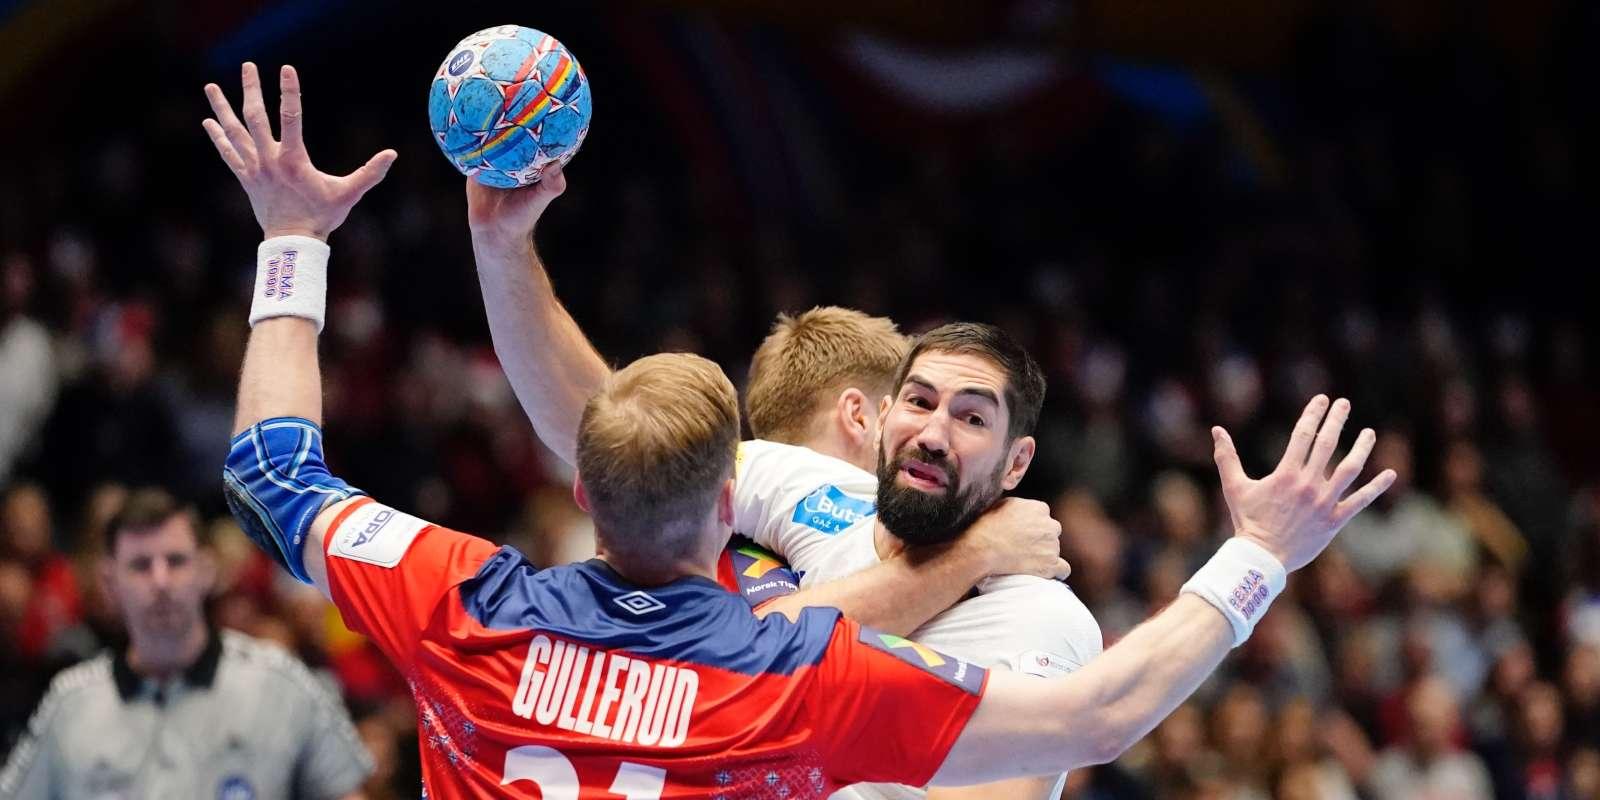 Nikola Karabatic et les Bleus ne verront pas le tour principal de l'Euro.